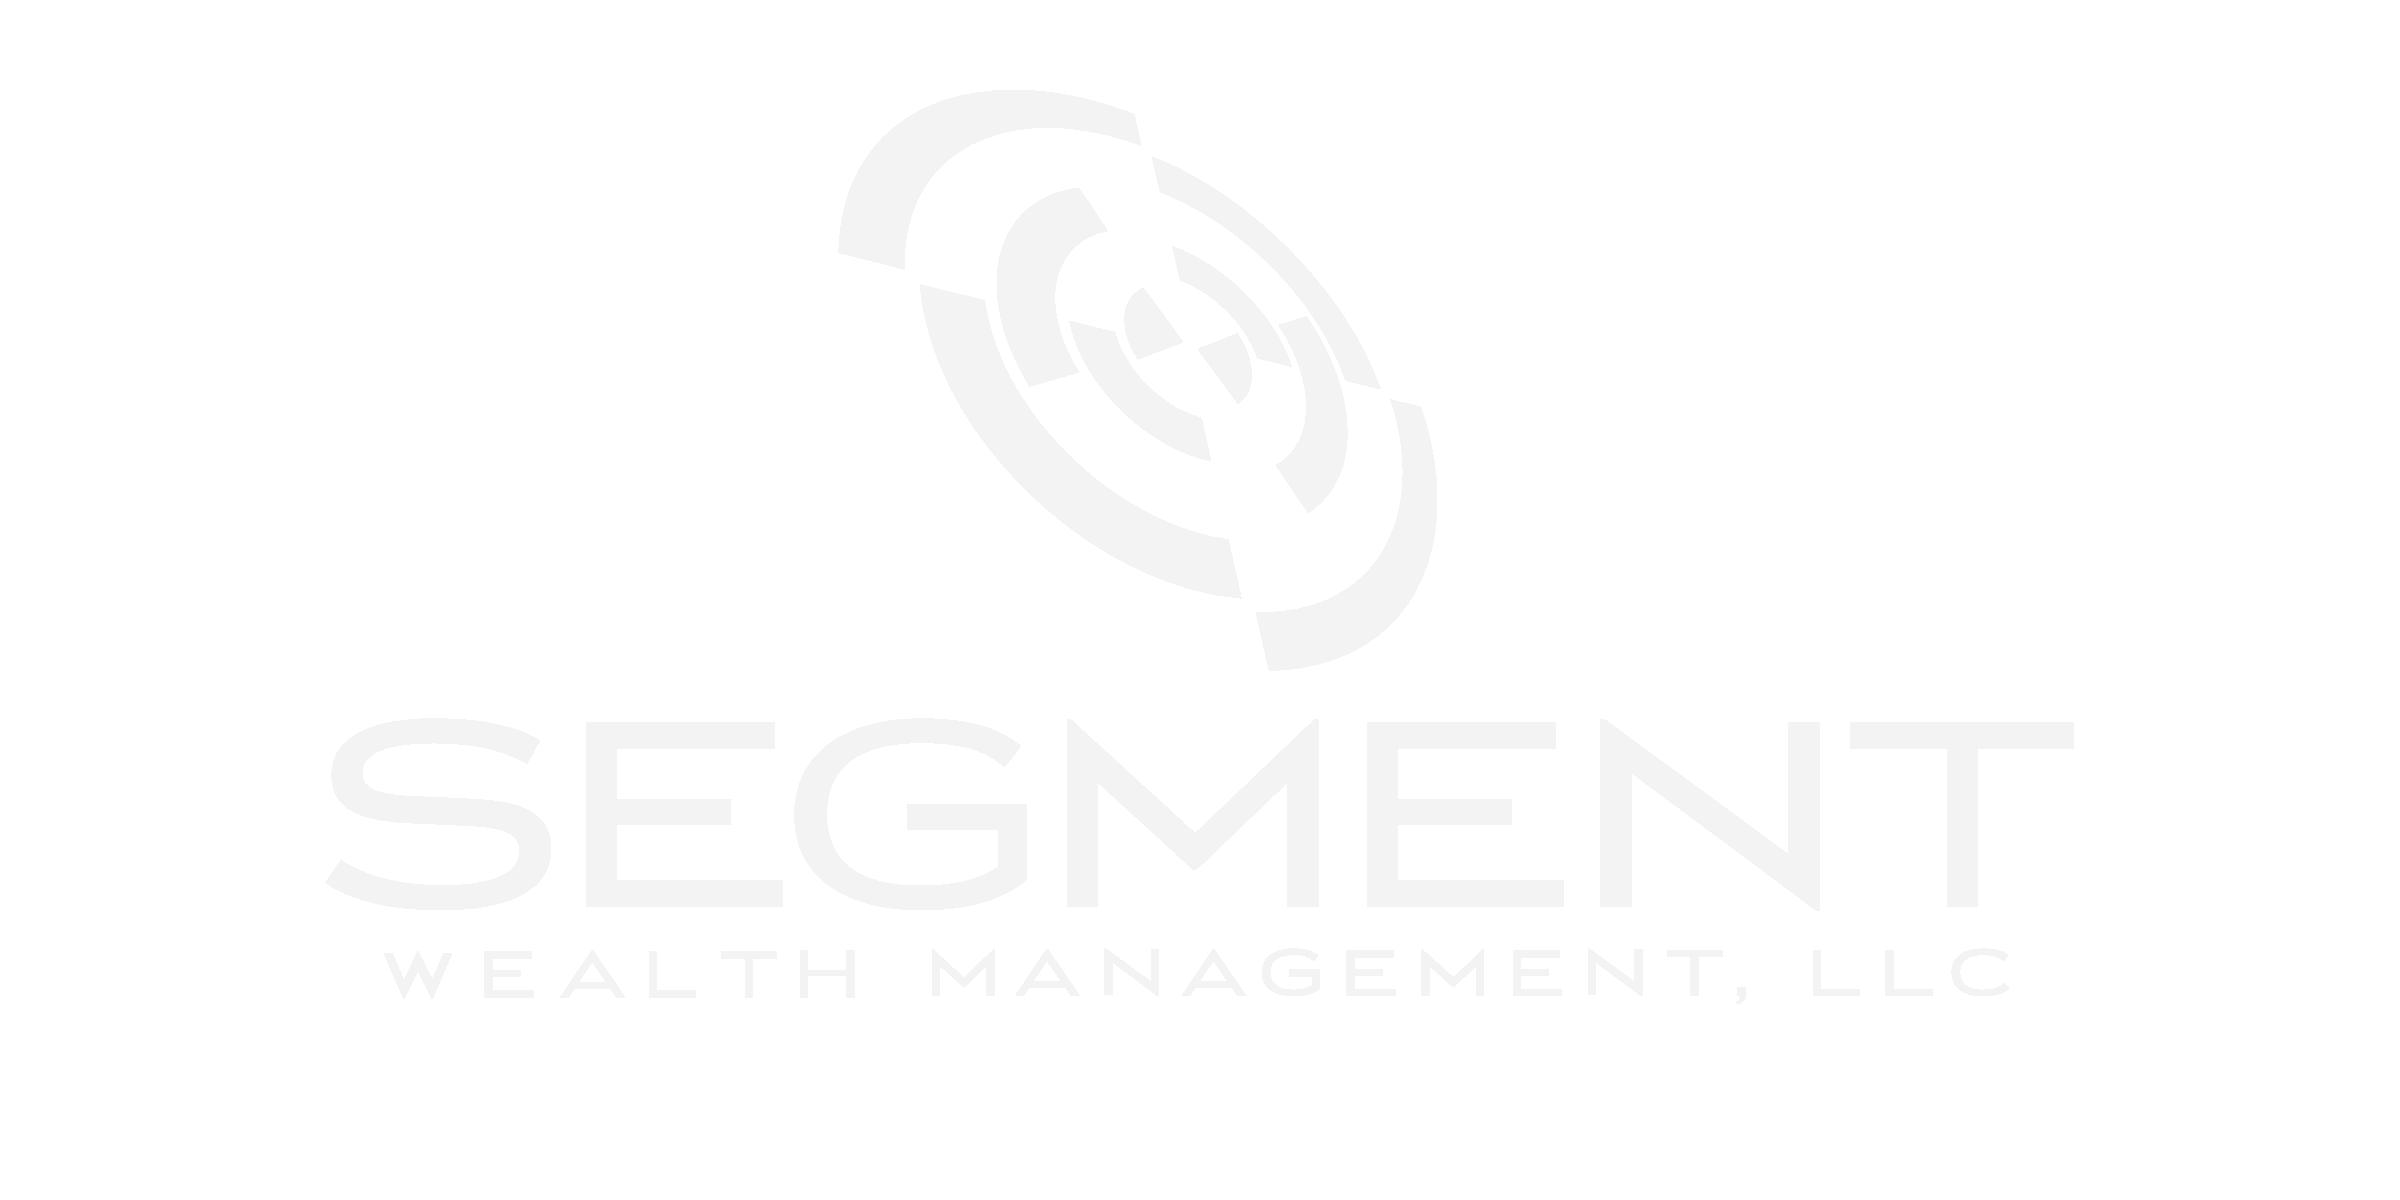 Segment WM